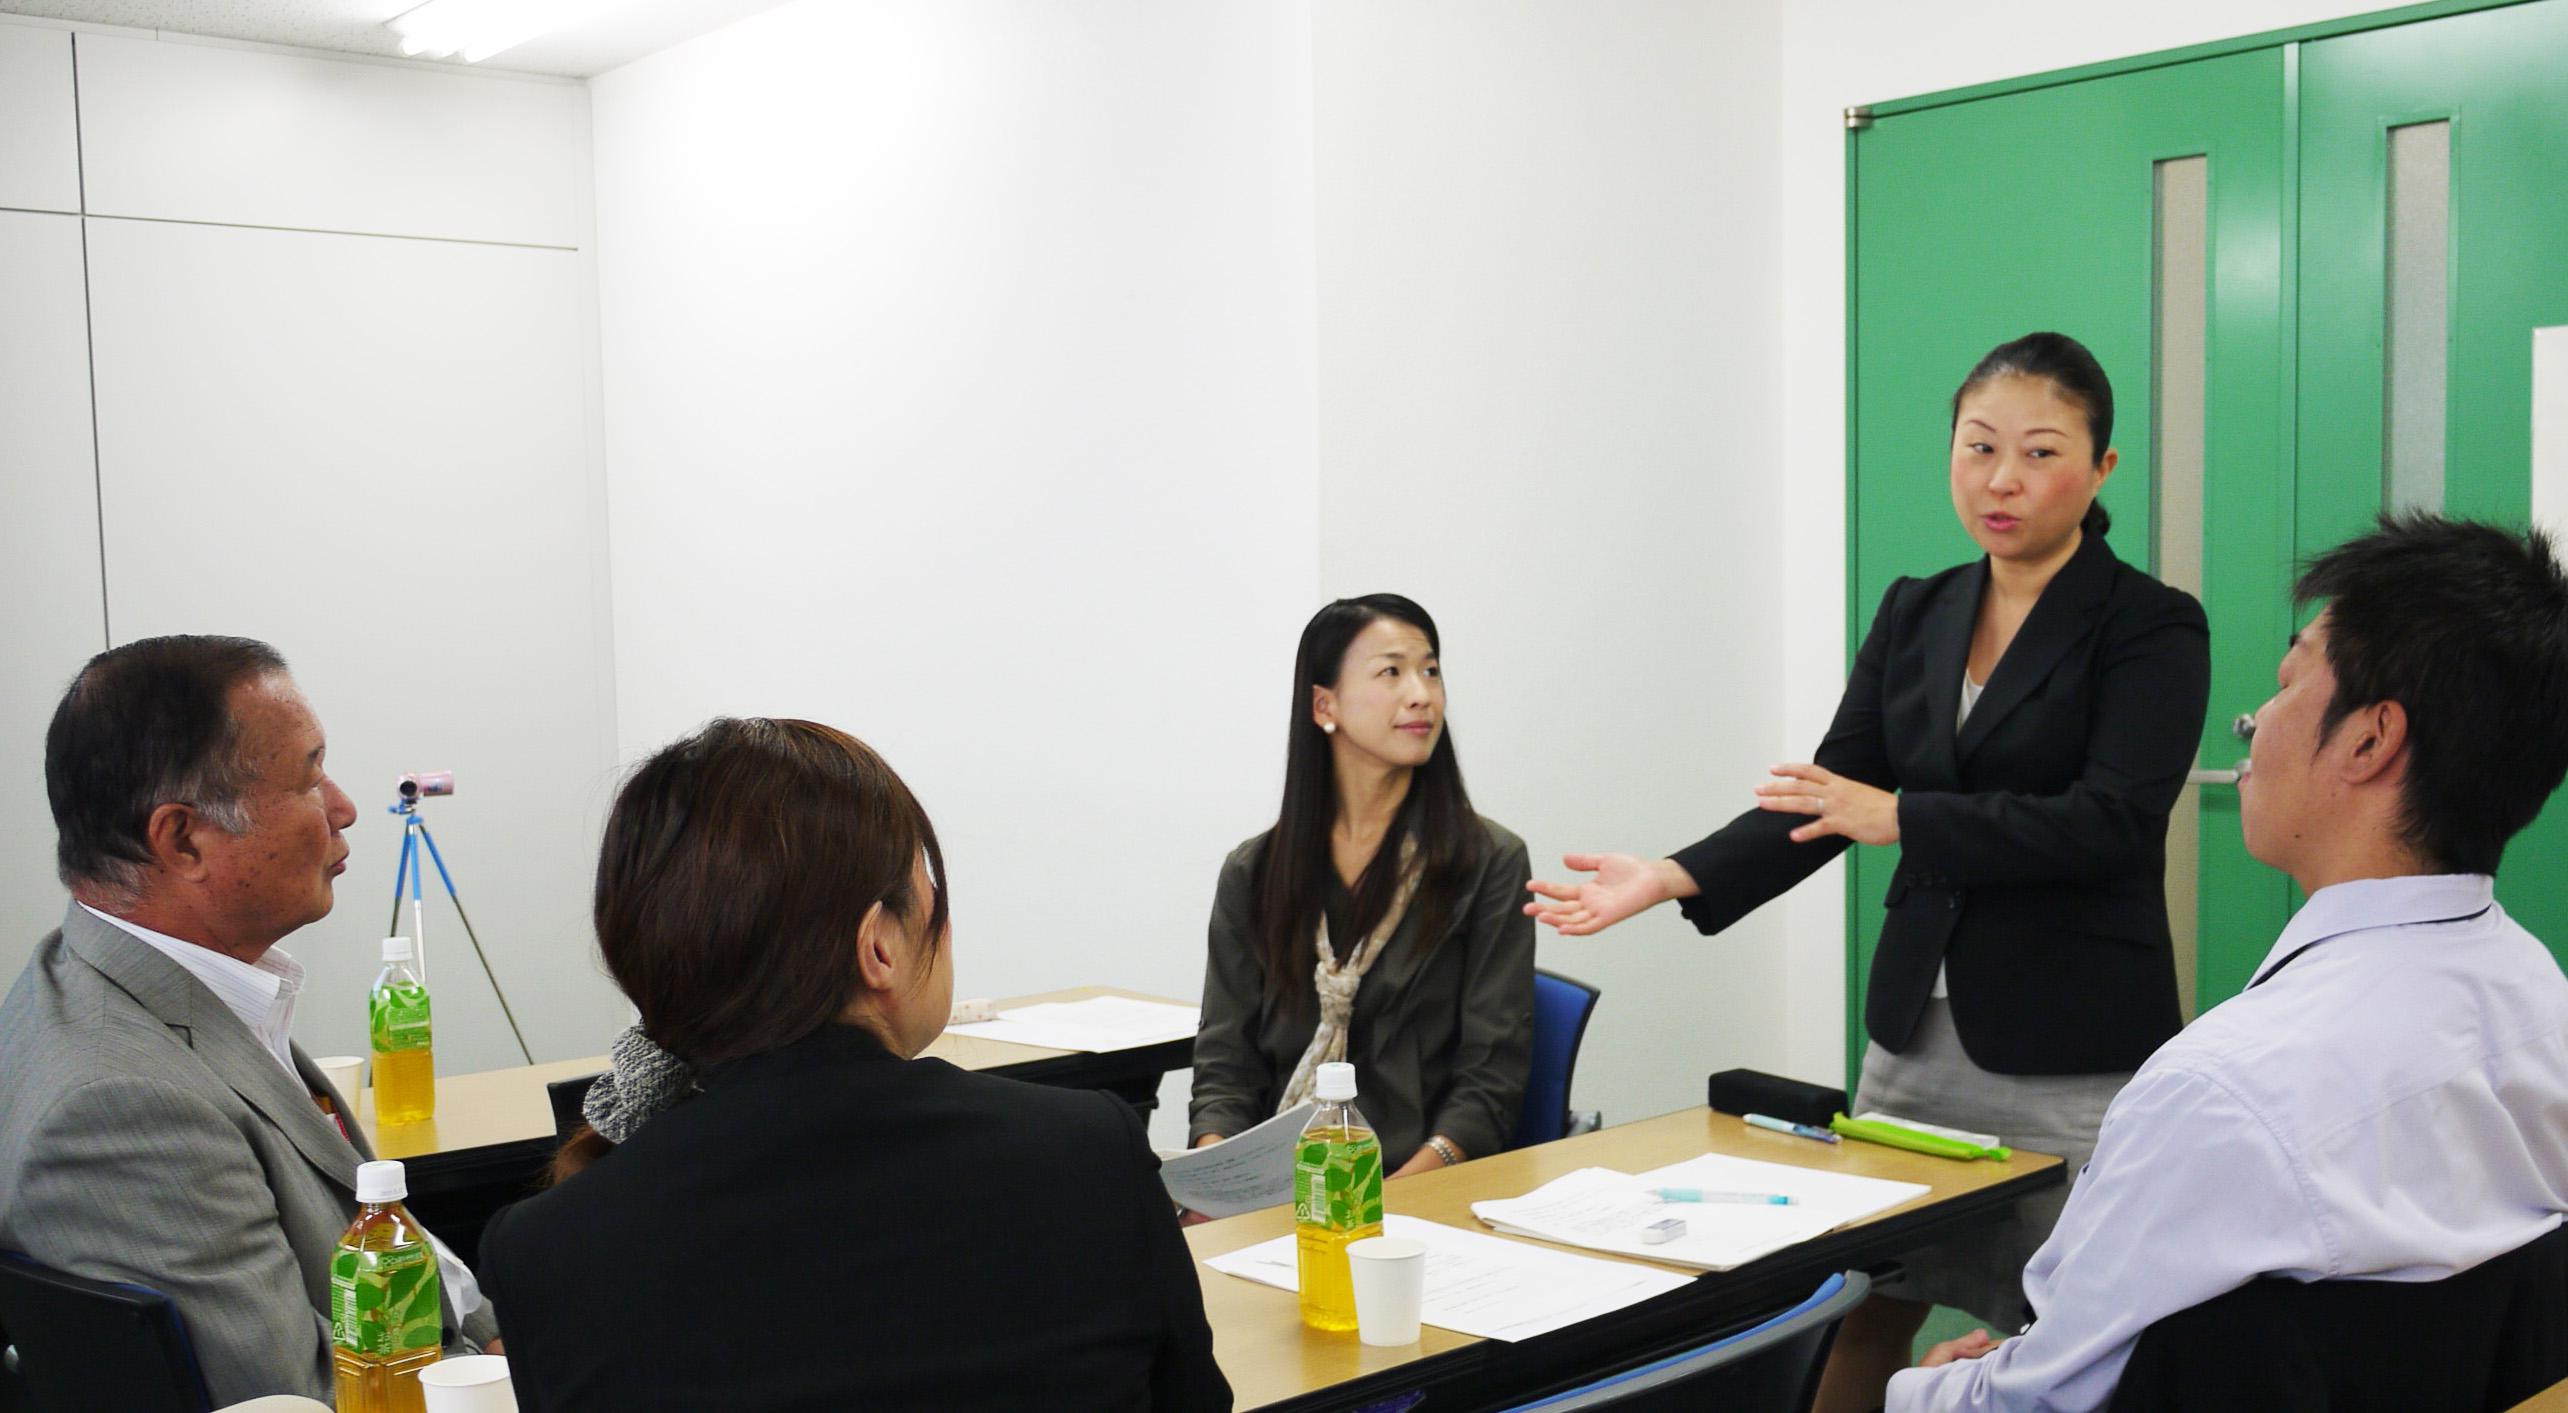 参加者募集!管理職のための メンタルヘルスビジネスケアコース (10/16〜17)